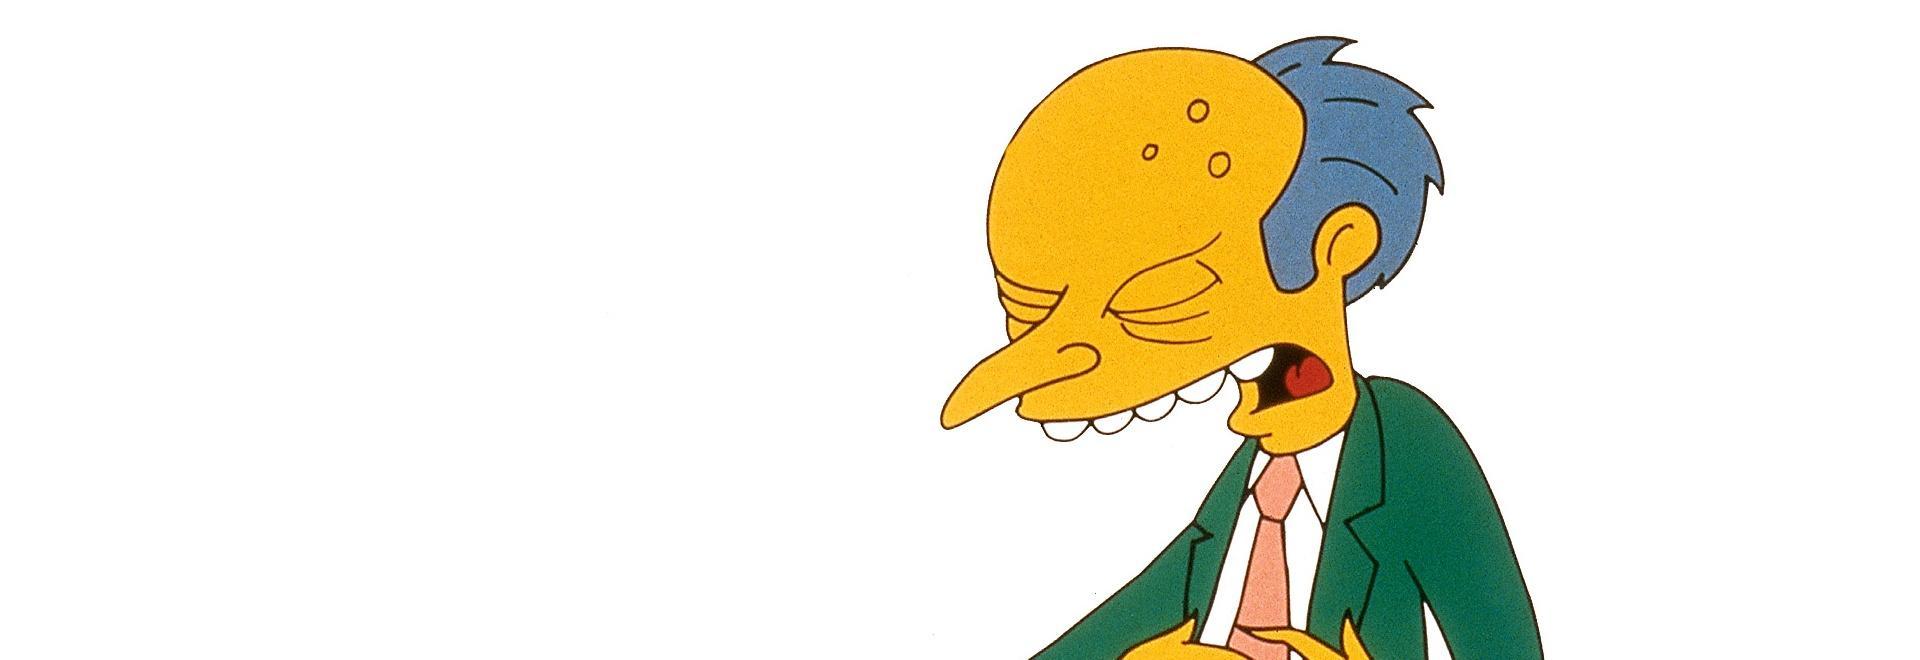 La fobia di Homer